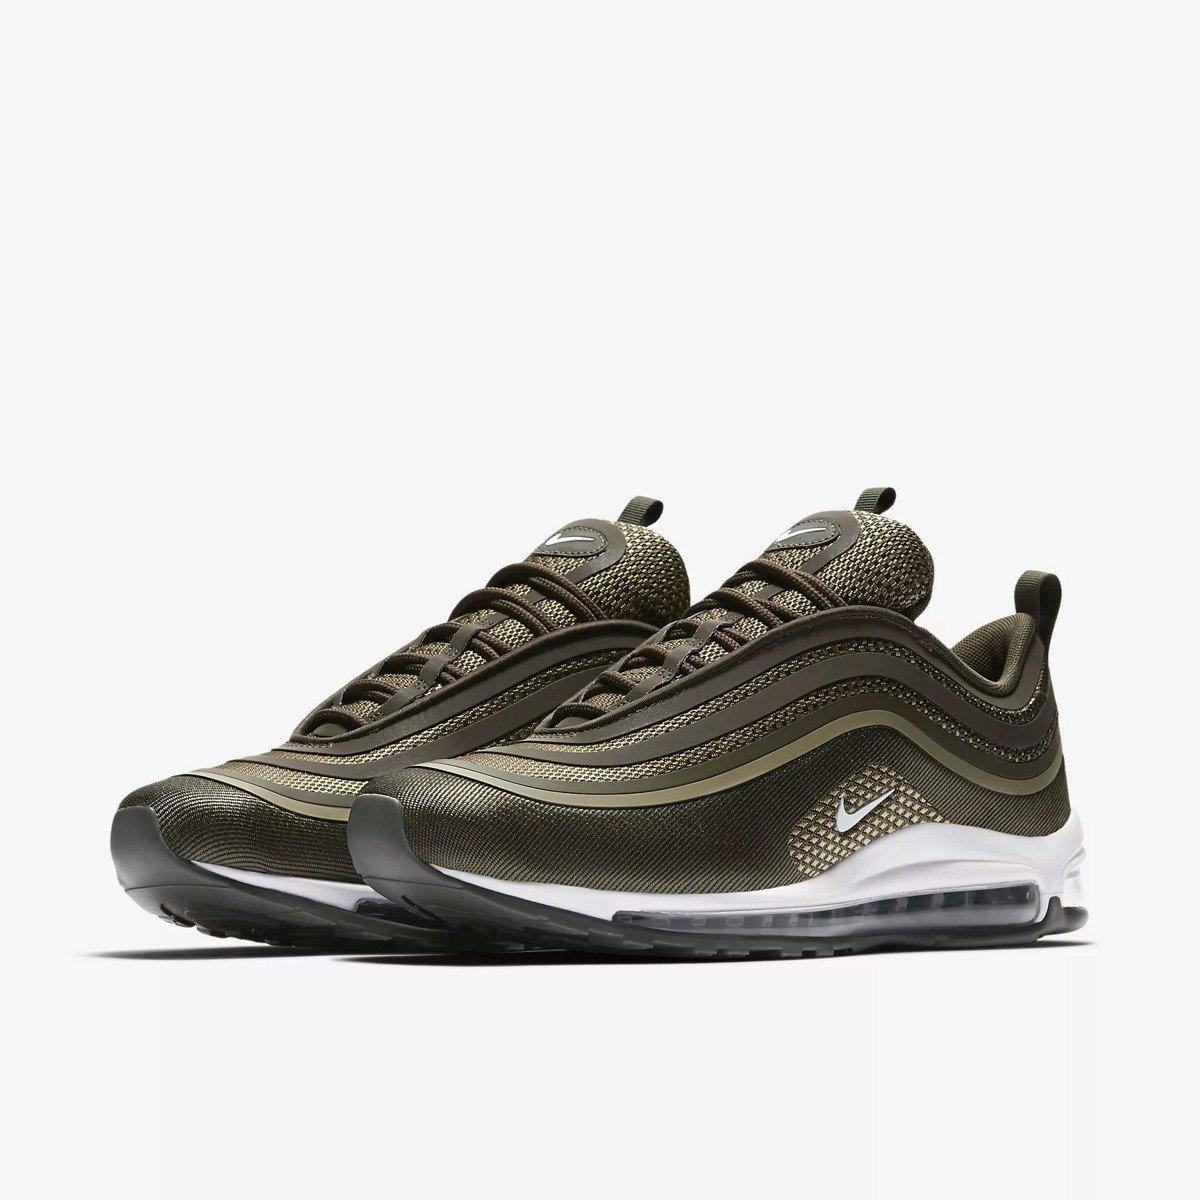 ... Nike Air Max 97 Ultra '17 918356-301 ...